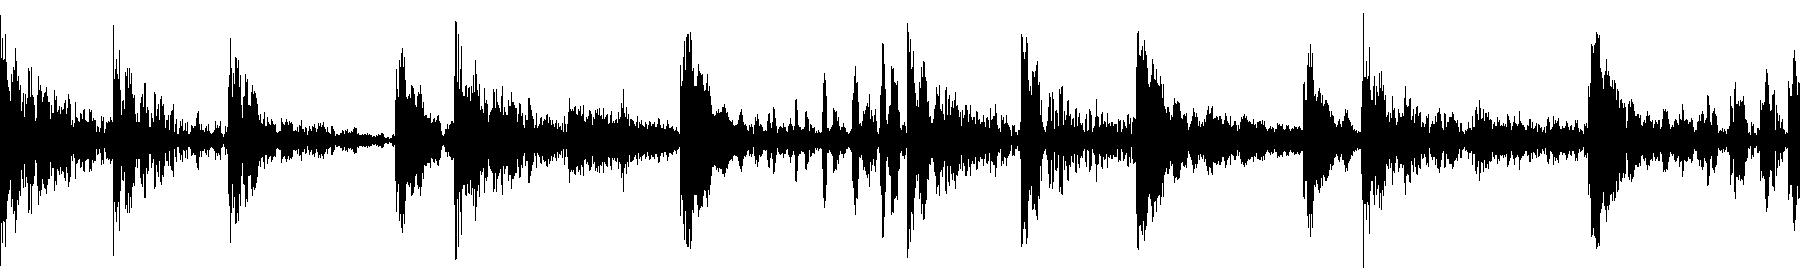 blbc electrodrums fx 110 04